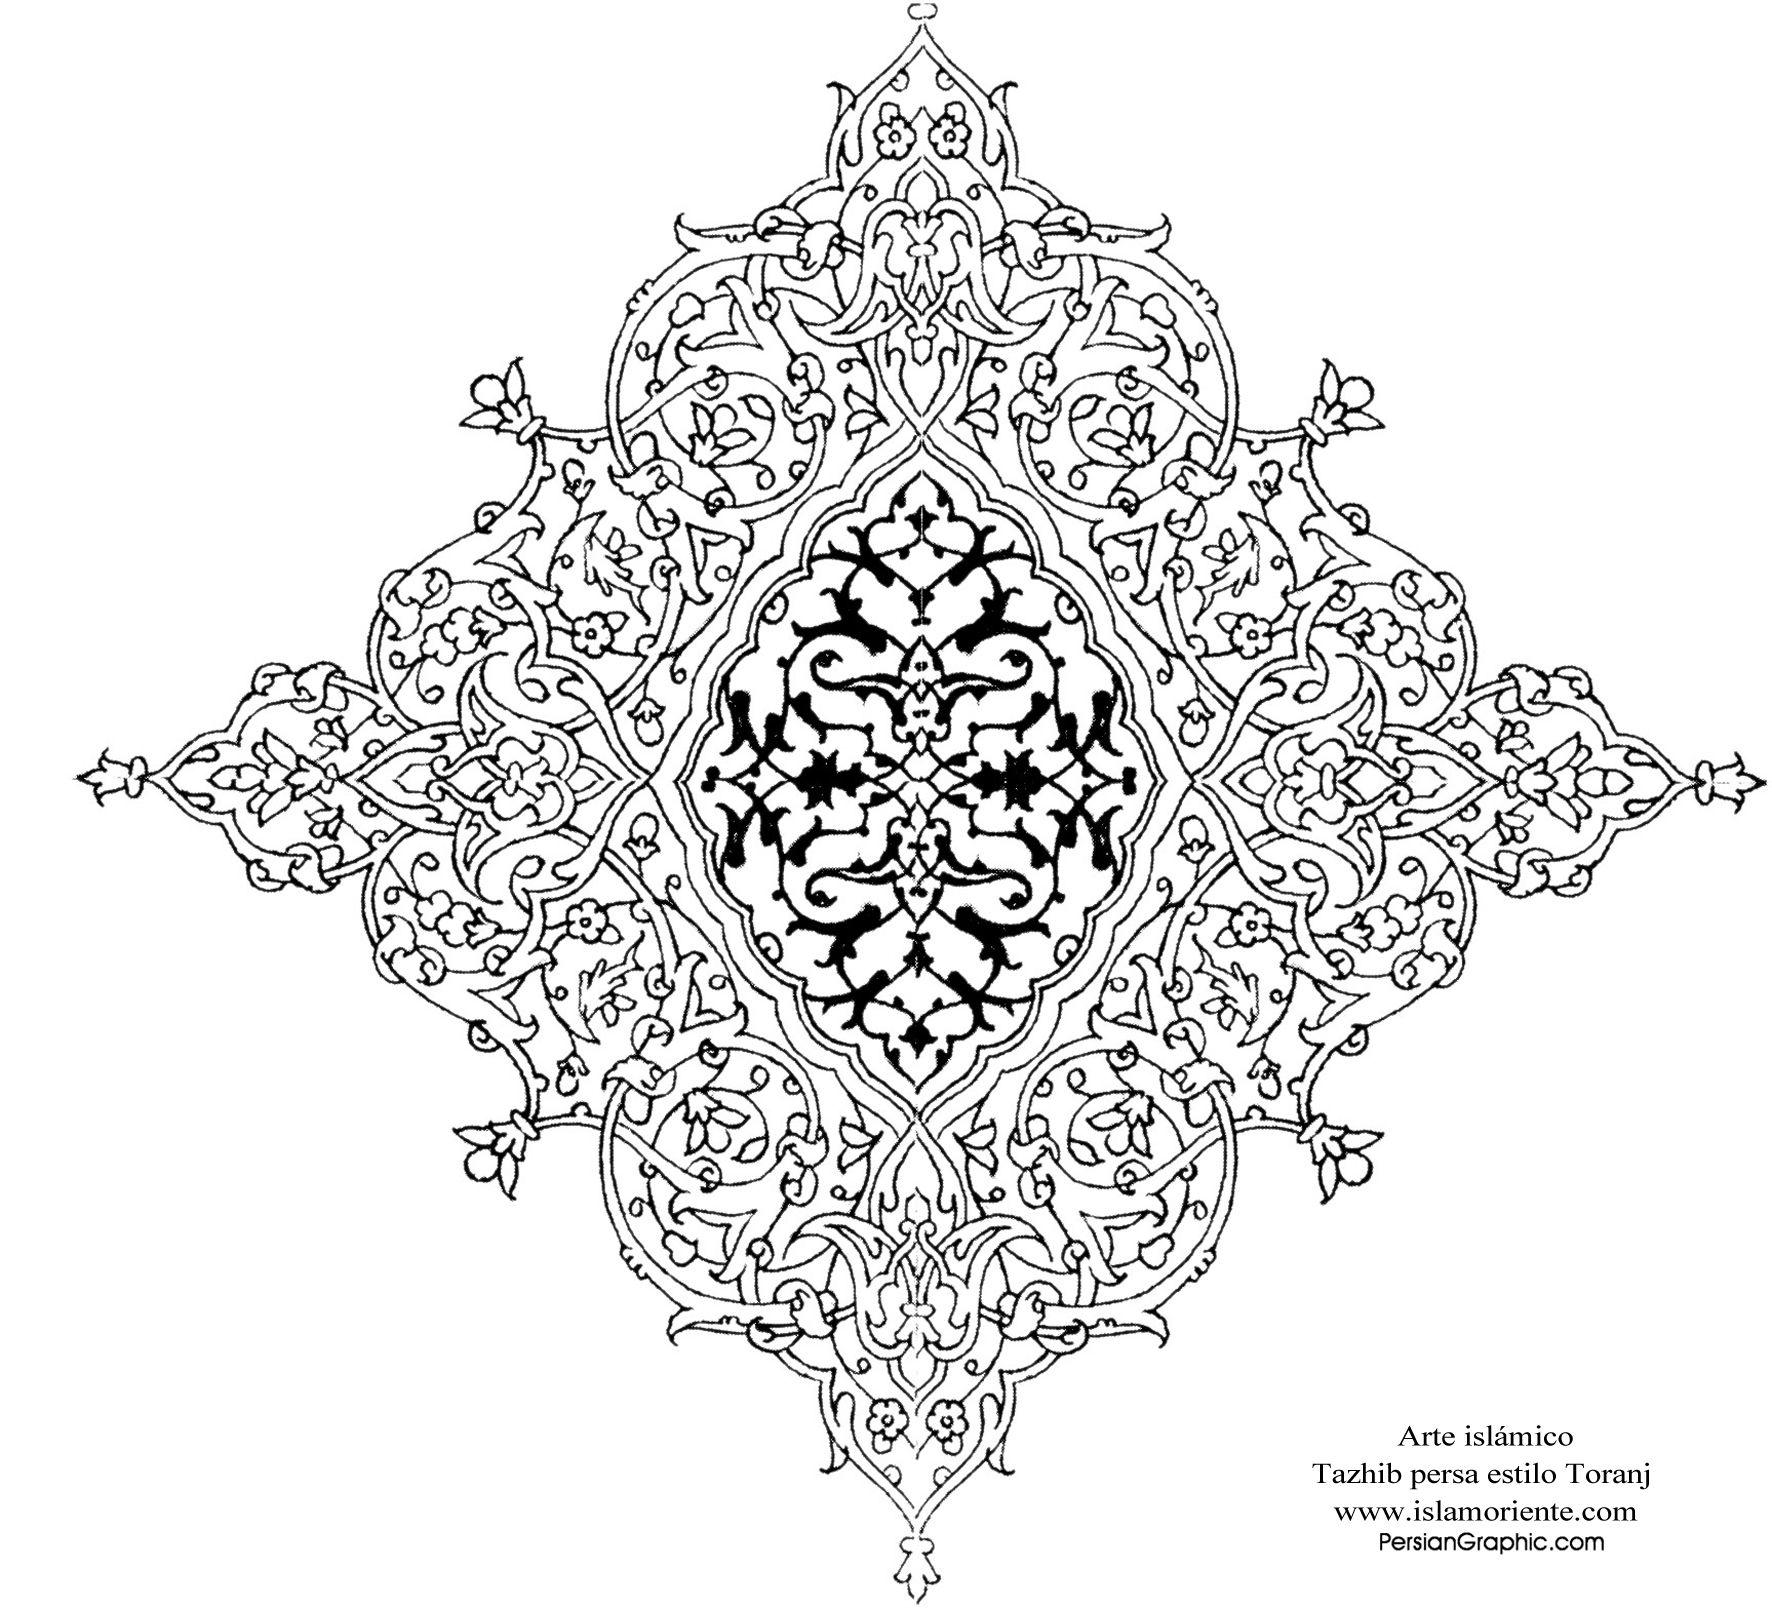 Arte islámico- Tazhib persa estilo Toranj | Galería de Arte Islámico ...